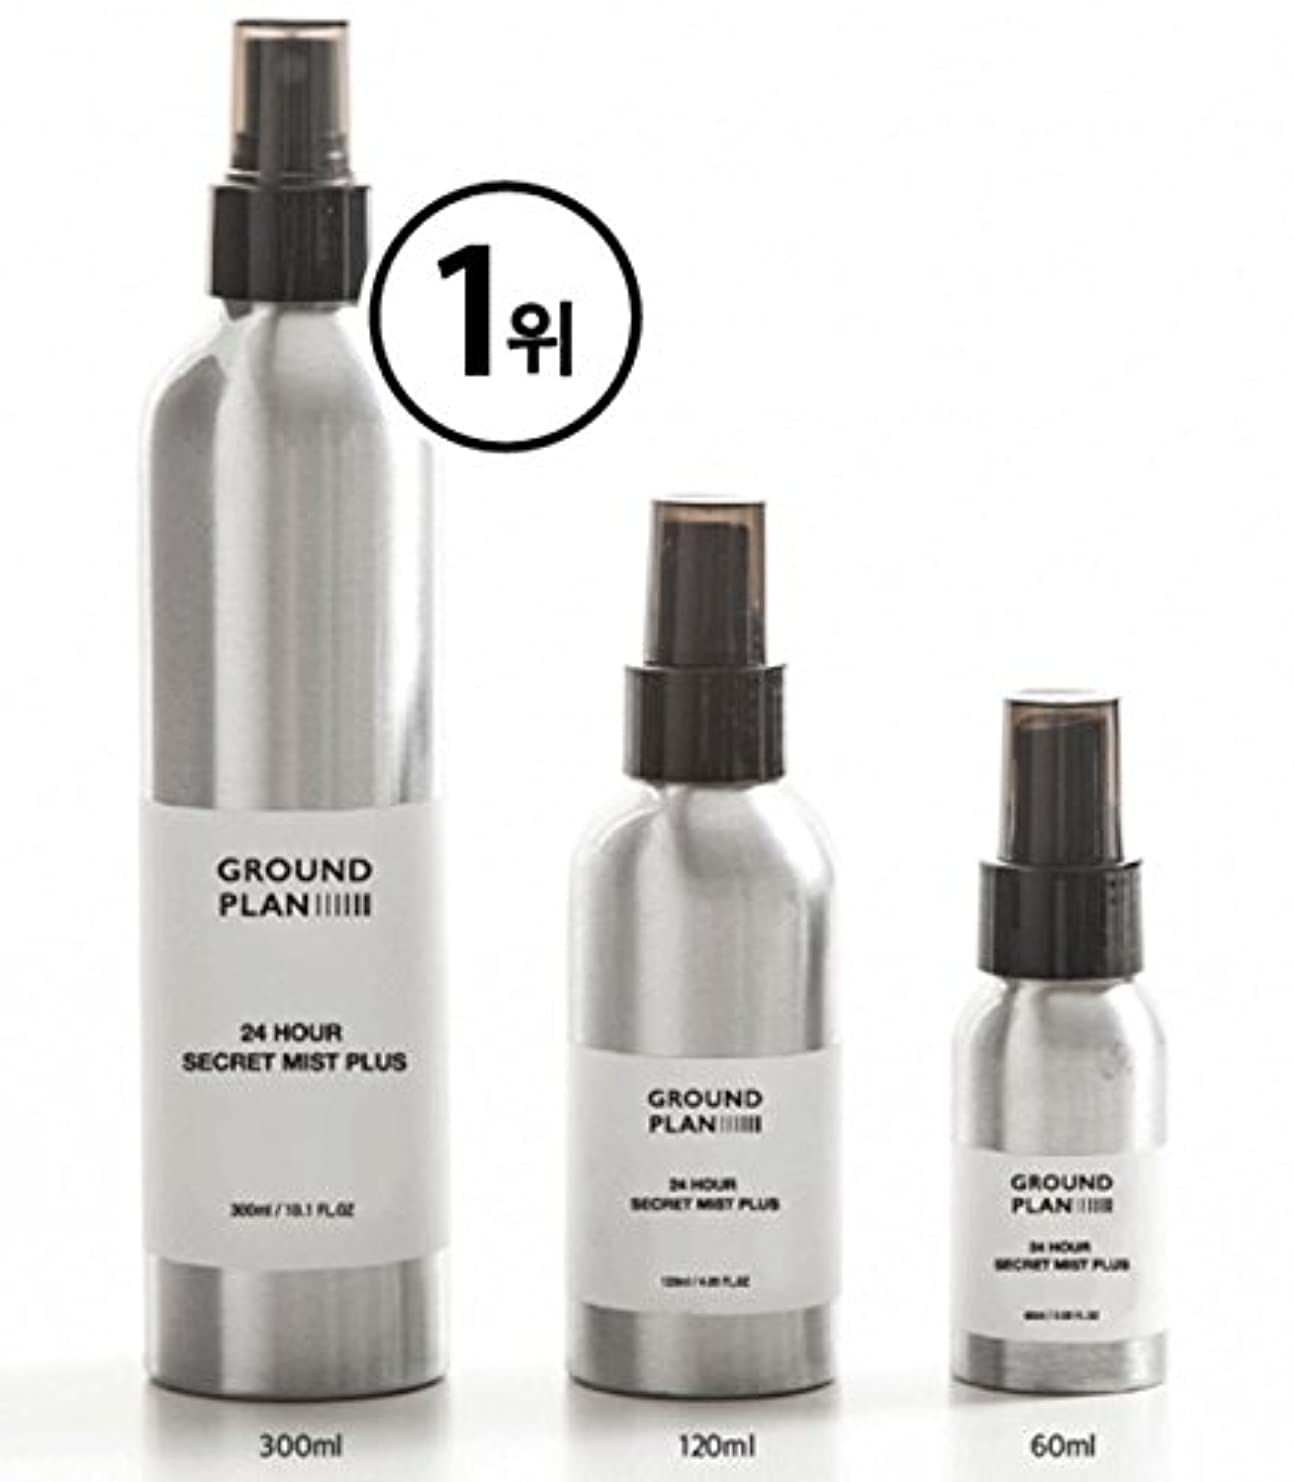 ロッジミュウミュウ乱闘[グラウンド?プラン] 24Hour 秘密 スキンミスト Plus (120ml) (300ml) Ground plan 24 Hour Secret Skin Mist Plus [海外直送品] (120ml)